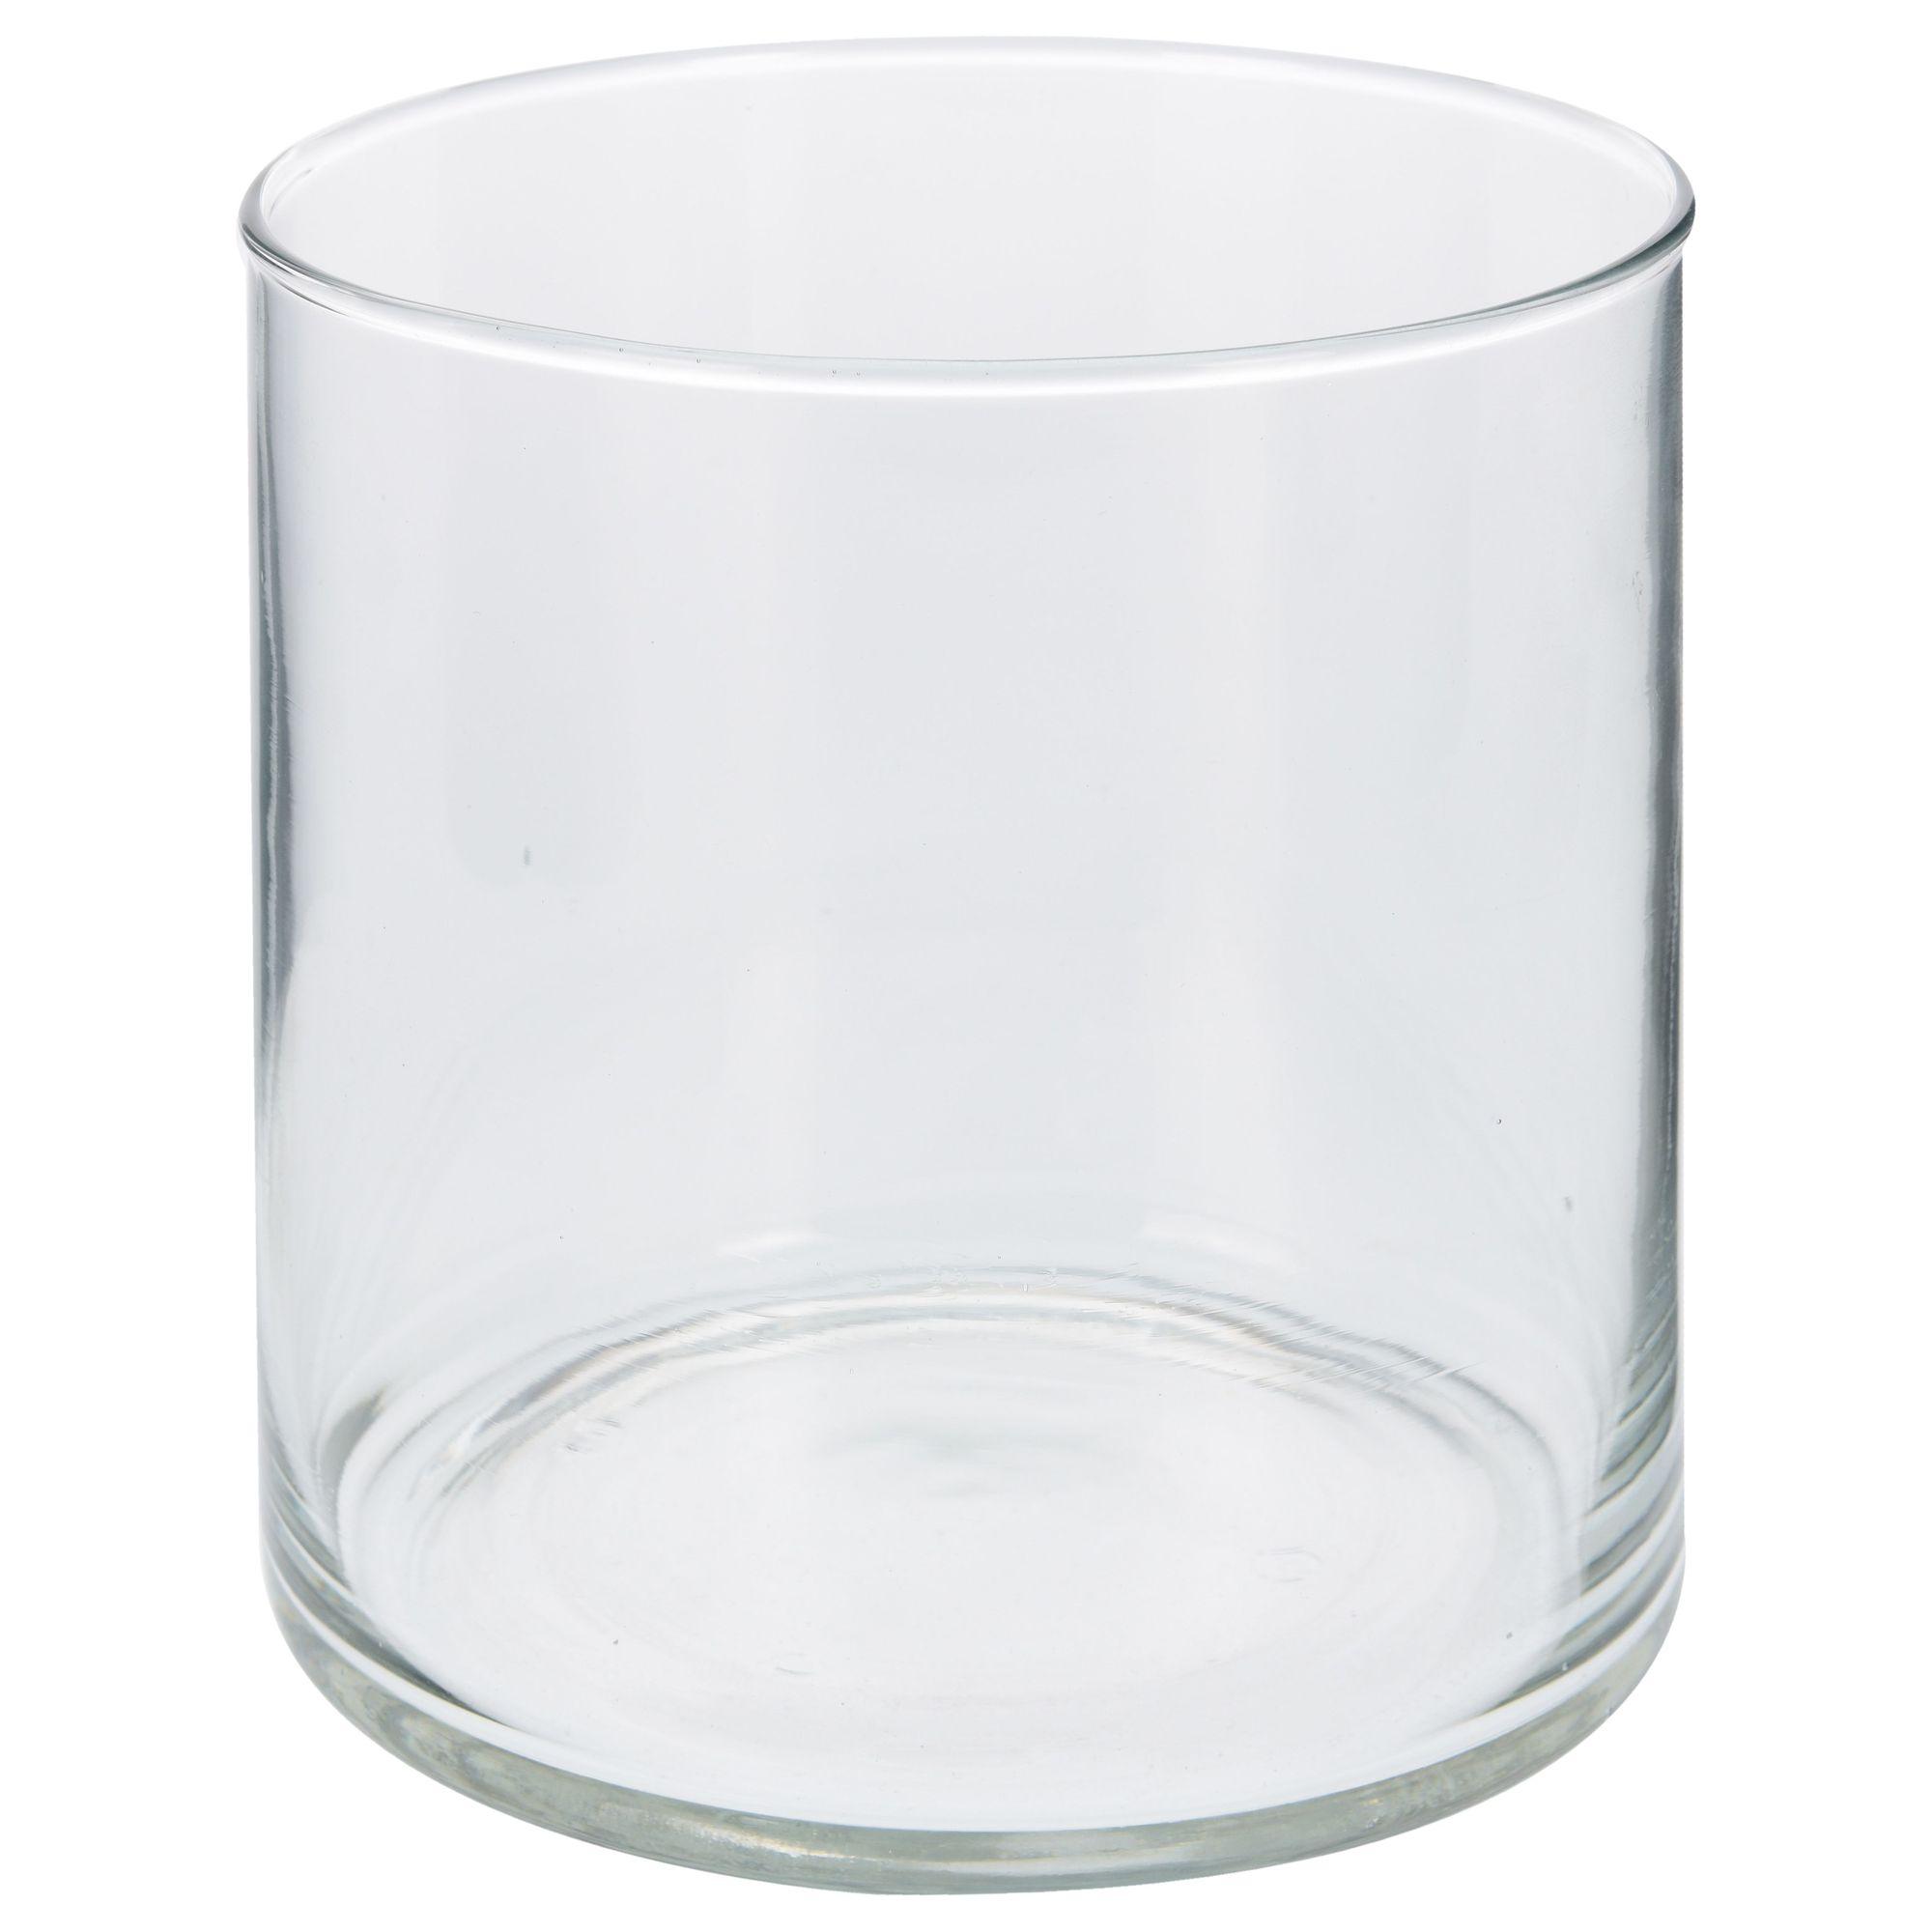 Ваза 15 см интерьерная стеклоВаза Excellent Houseware станет уместным подарком или презентом. Модель изготавливается из экологически чистого материала – стекла. За счет того, что стекло толстое, изделие характеризуется прочностью. Диаметр вазы составляет 15 см, поэтому в нее поместится даже пышный букет.Помимо цветов, в вазу можно поместить декор, тем самым, придав комнате необычный акцент. Изделие прозрачное, поэтому гармонично впишется в интерьер, оформленный в стиле классик, хай-тек, модерн.<br>